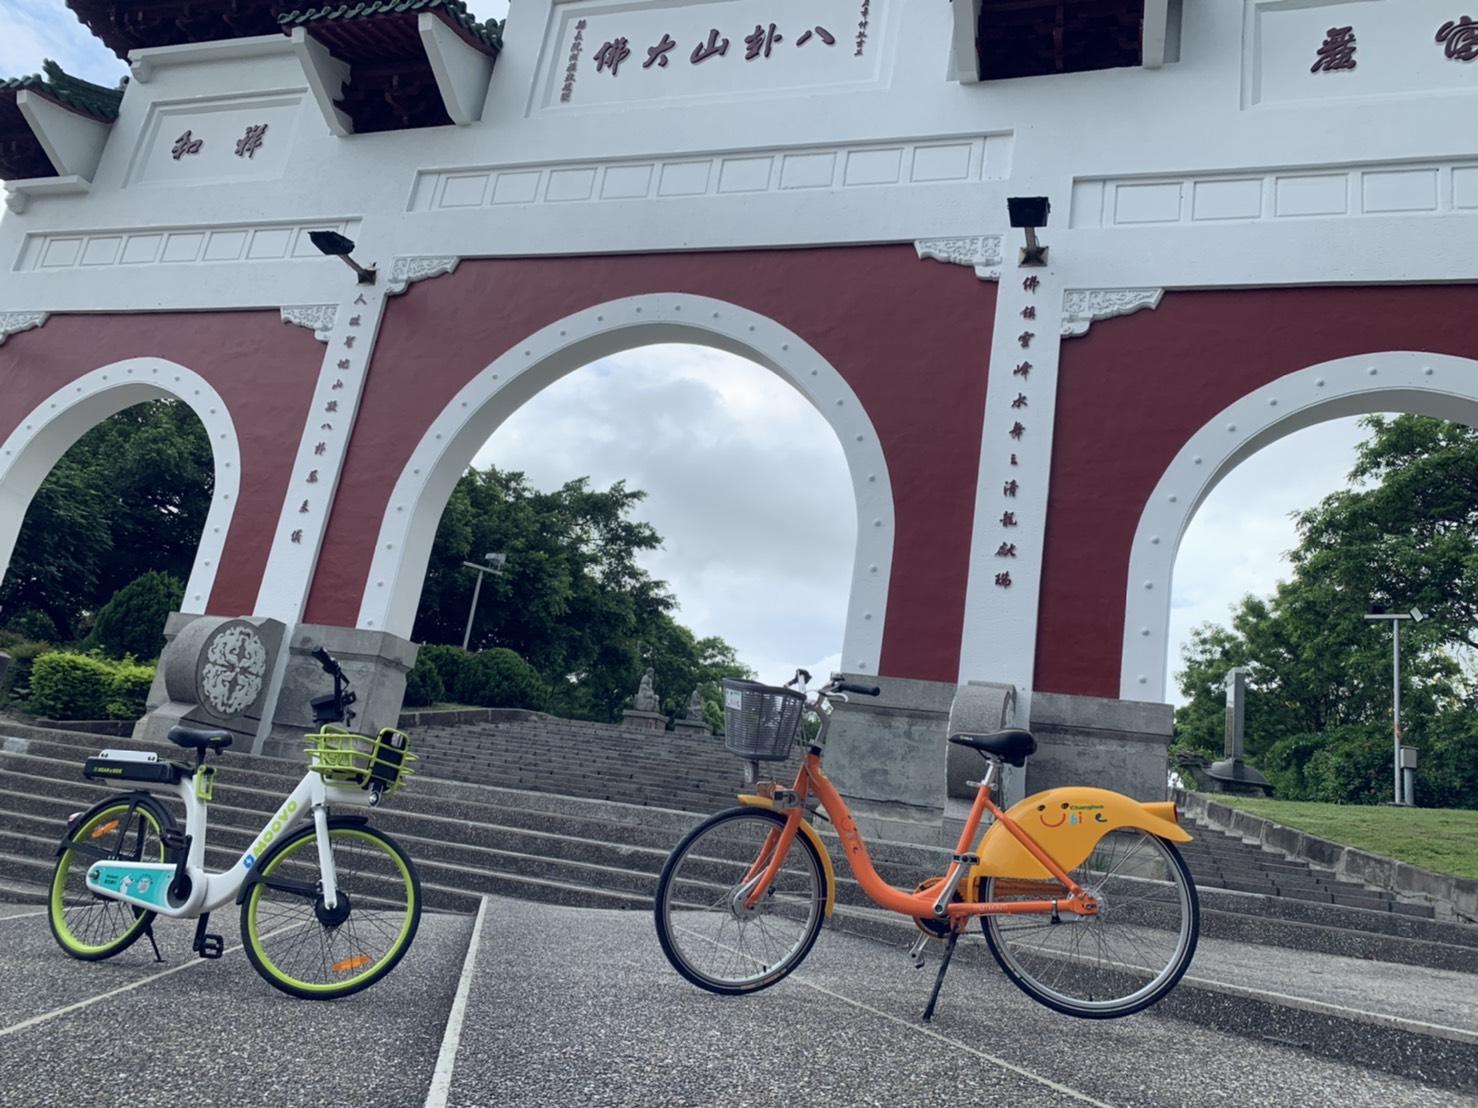 【自行車】彰化縣公共自行車7月1日起系統驗測暫停營運